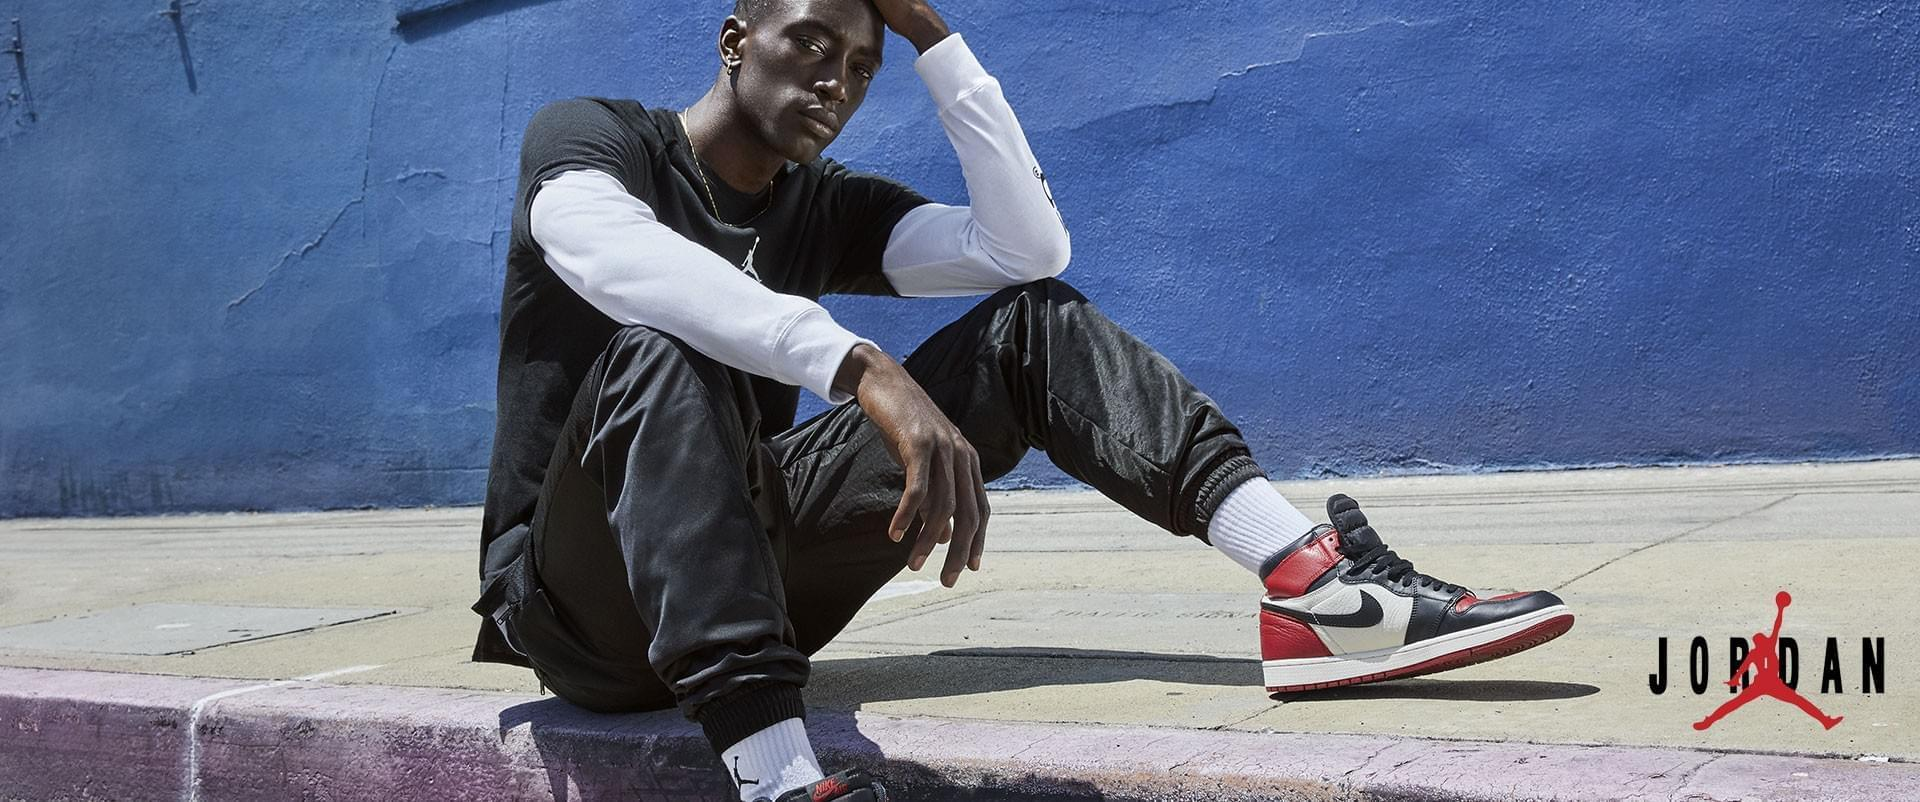 Scopri i nuovi arrivi della Linea Nike Jordan